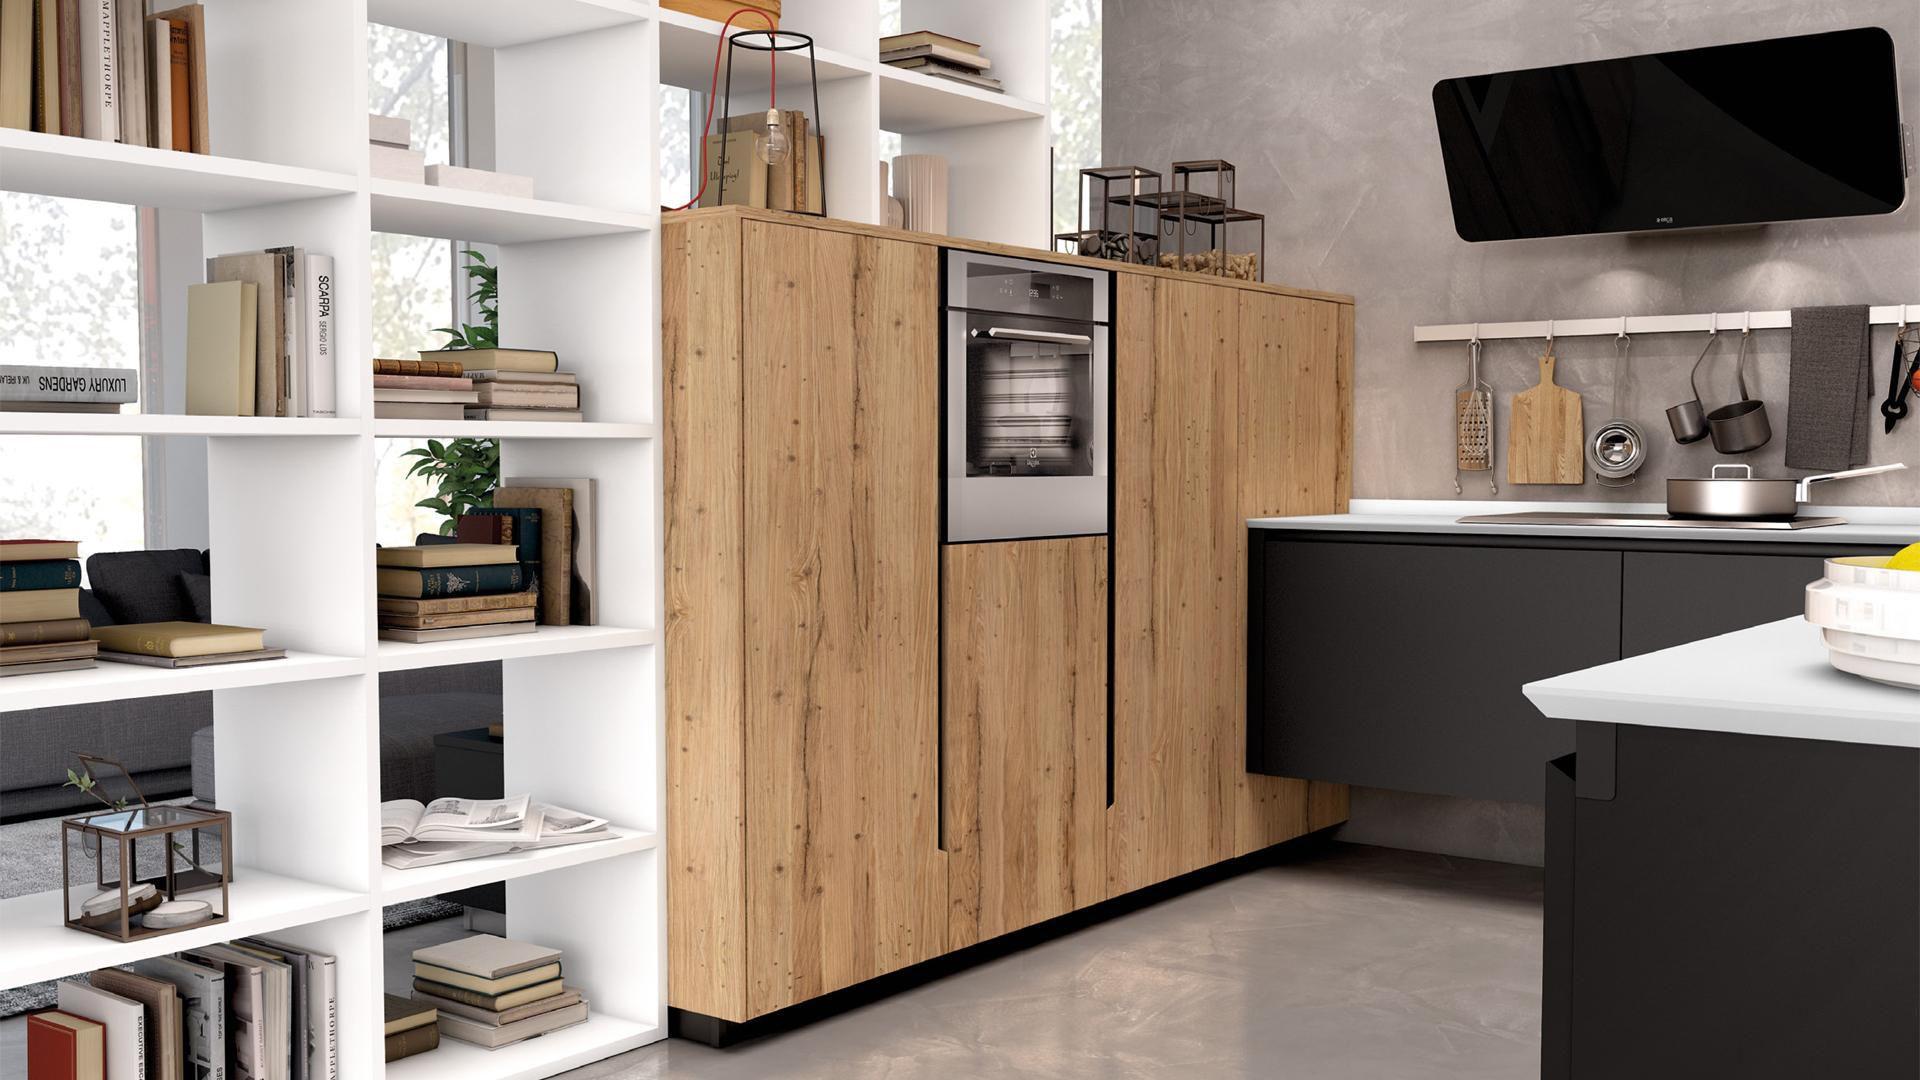 Cucina moderna / in legno / in alluminio / laccata - OLTRE ...